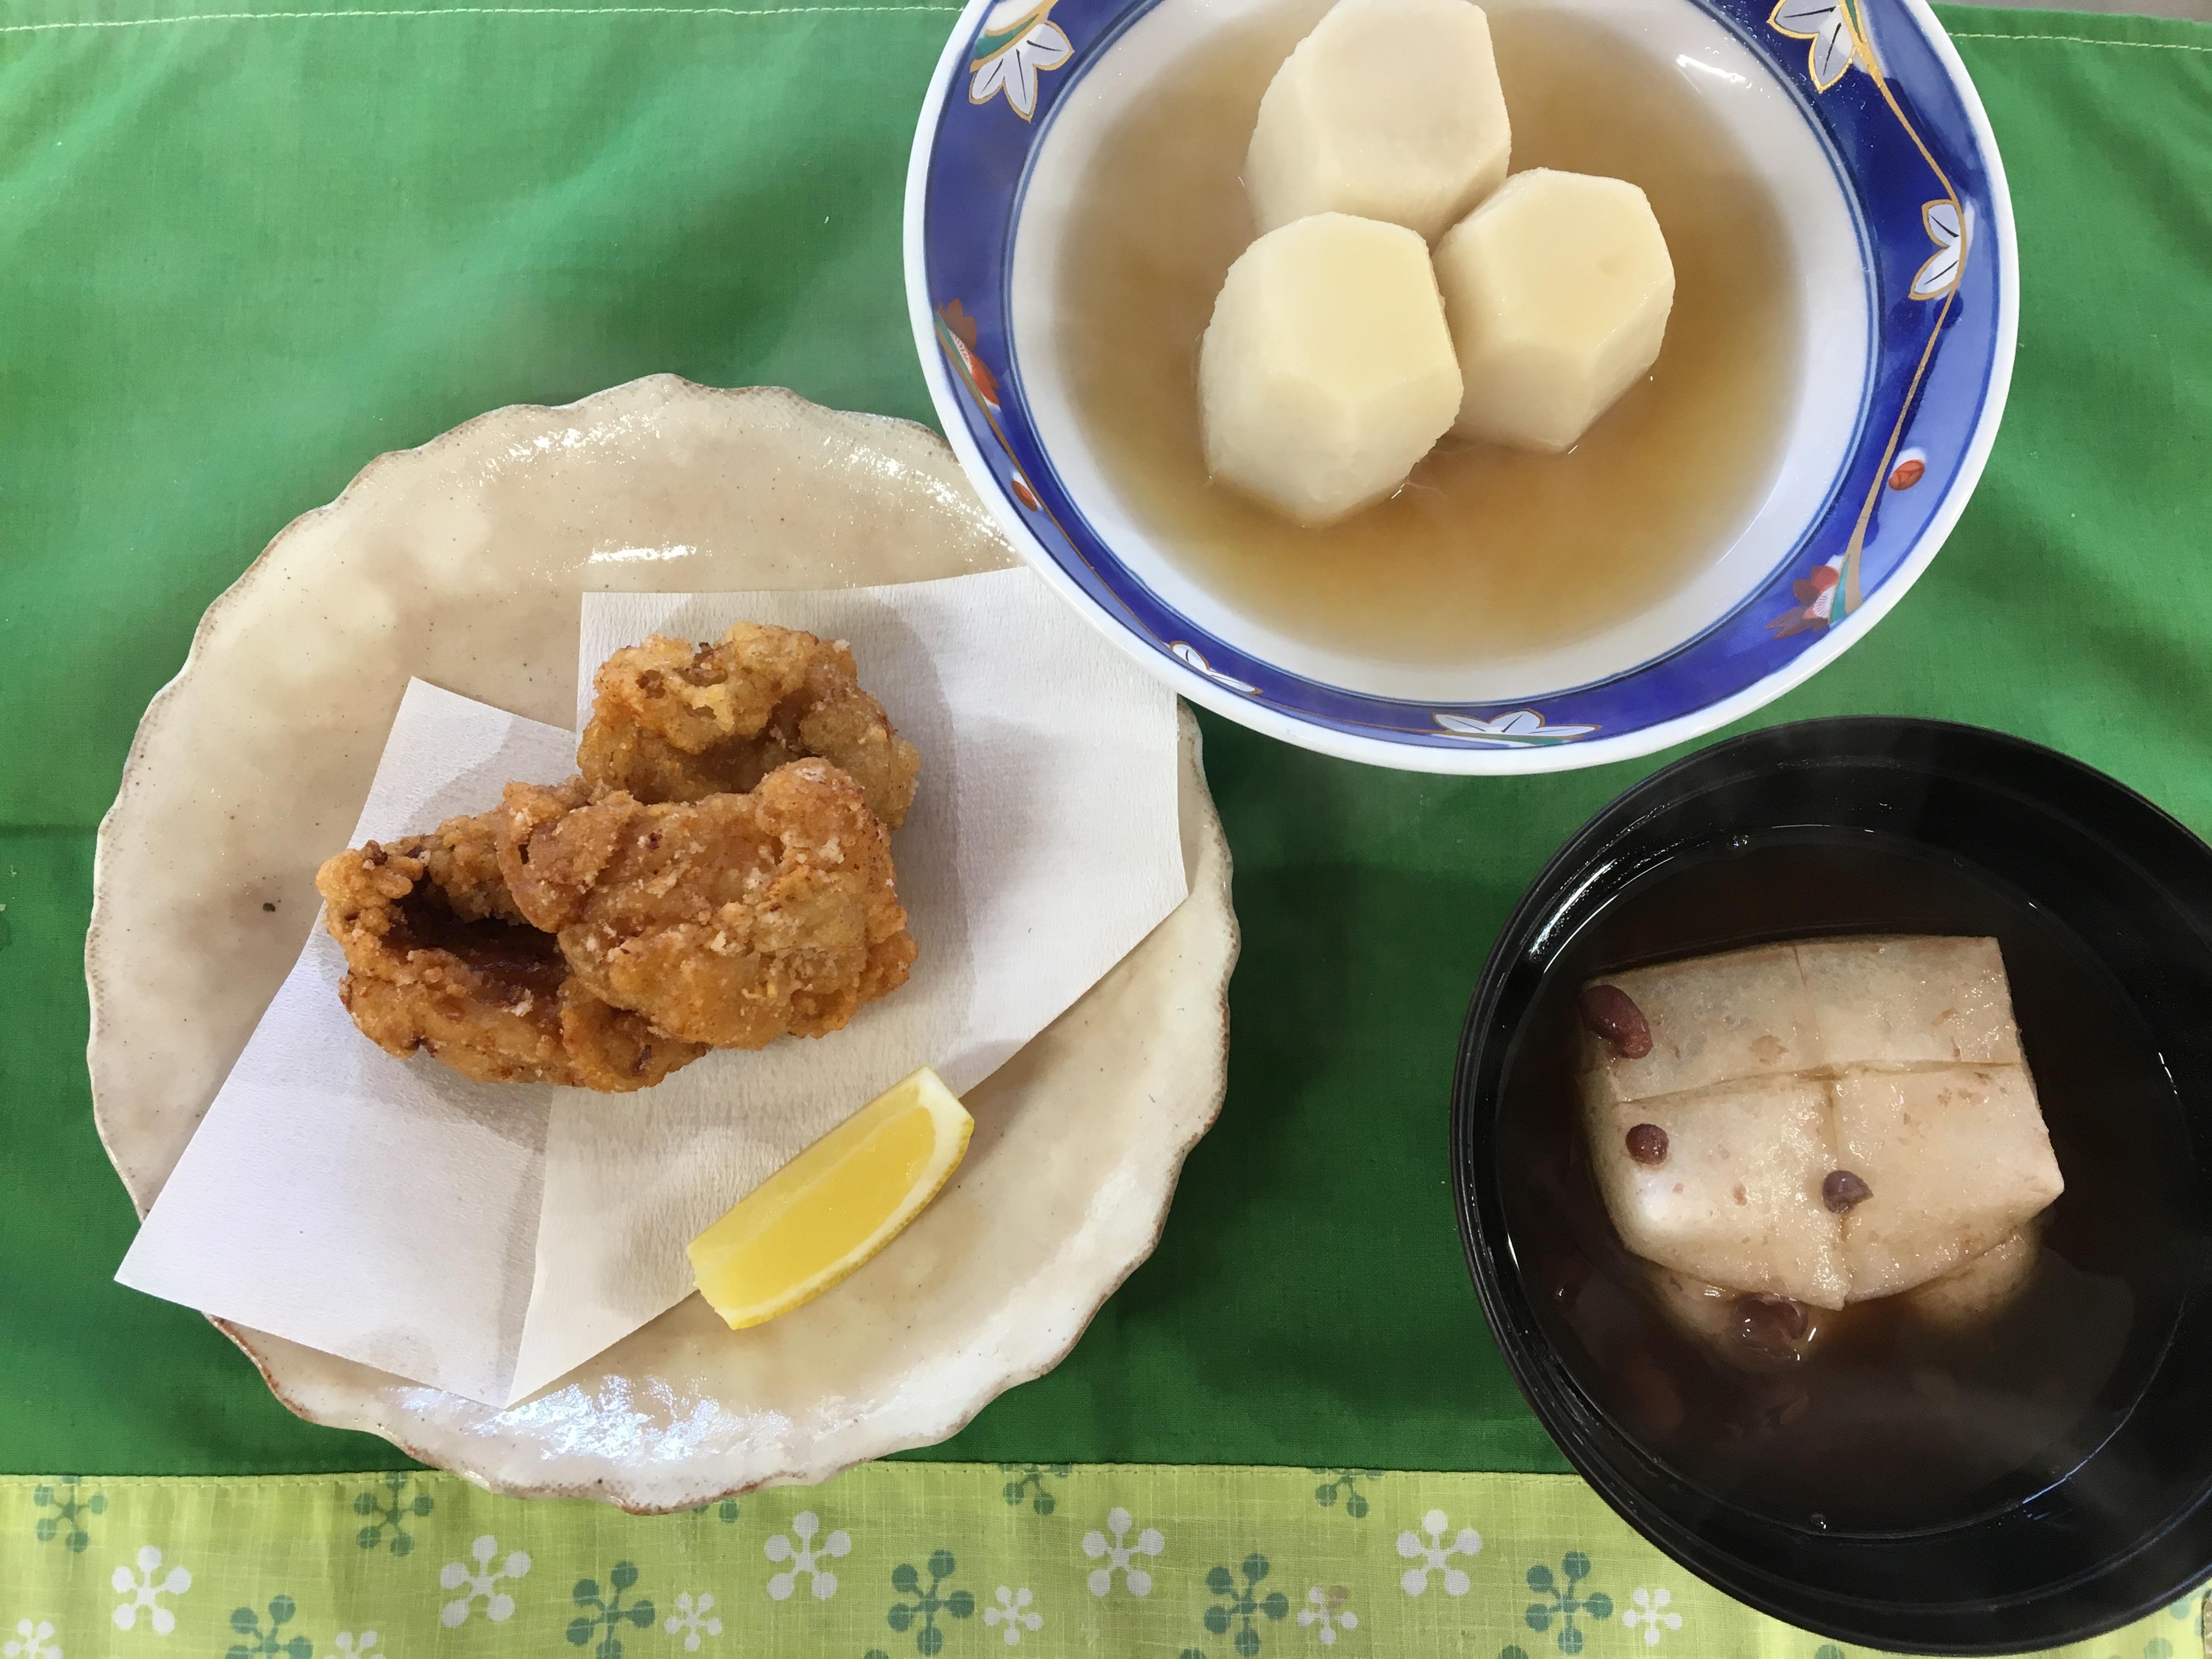 里芋の六方(実技試験)、唐揚げ、おしるこ